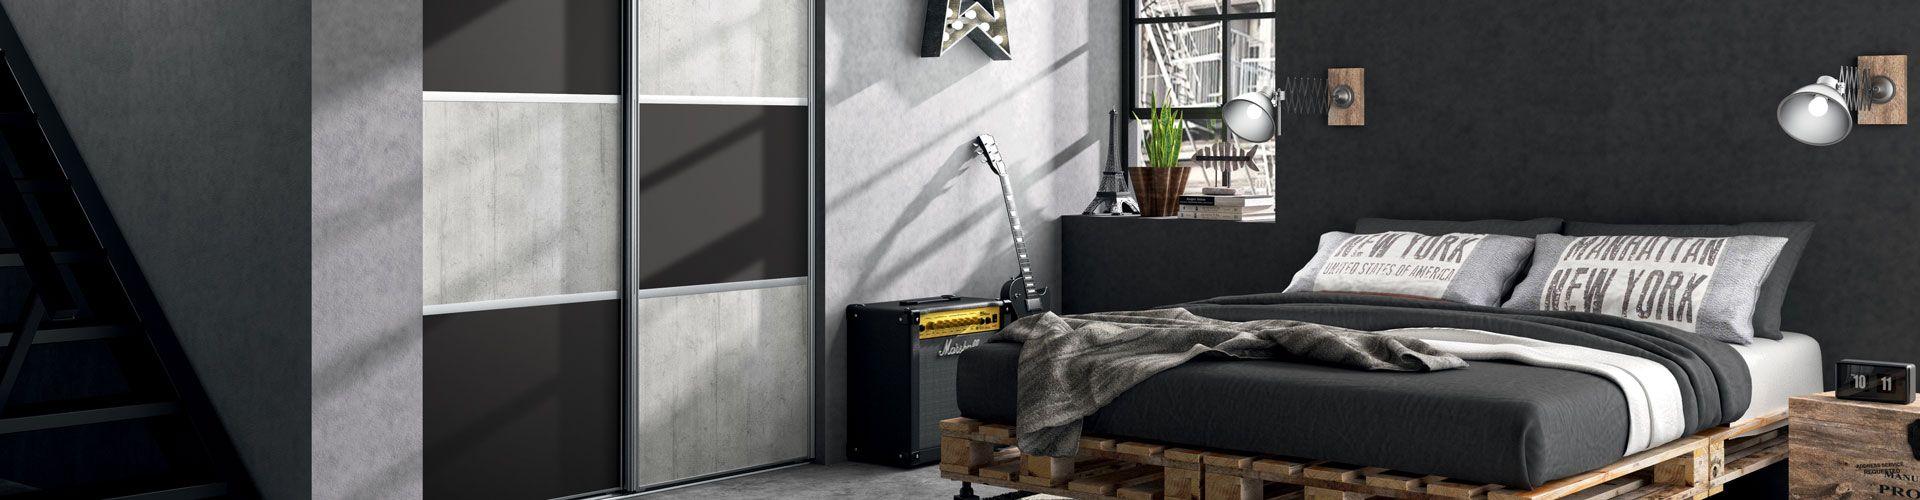 ambiances d co kazed page 103 kazed. Black Bedroom Furniture Sets. Home Design Ideas